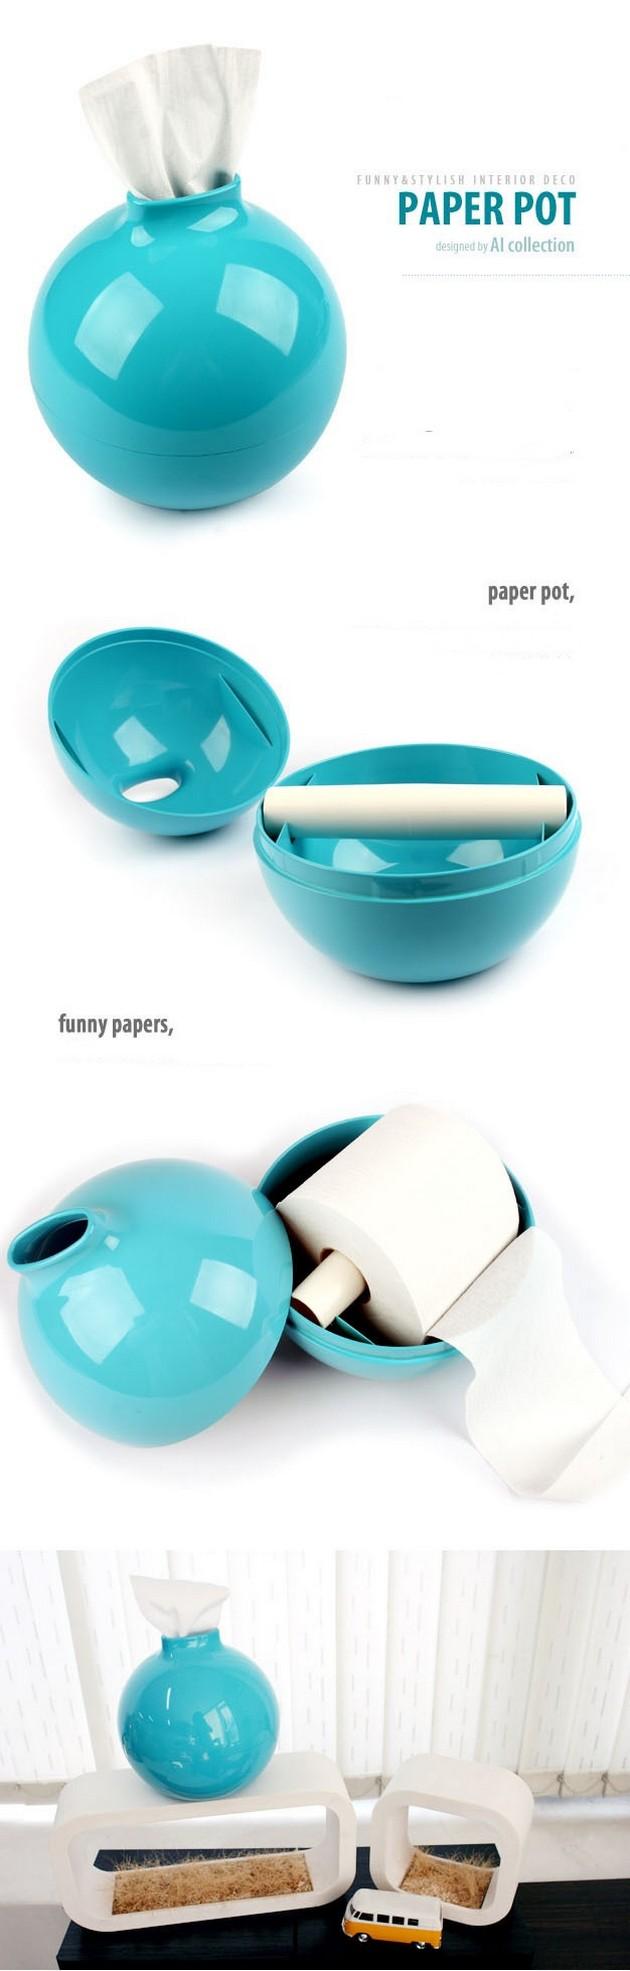 La mejor idea del mundo para guardar el papel higi nico for Lo mejor en muebles para el hogar